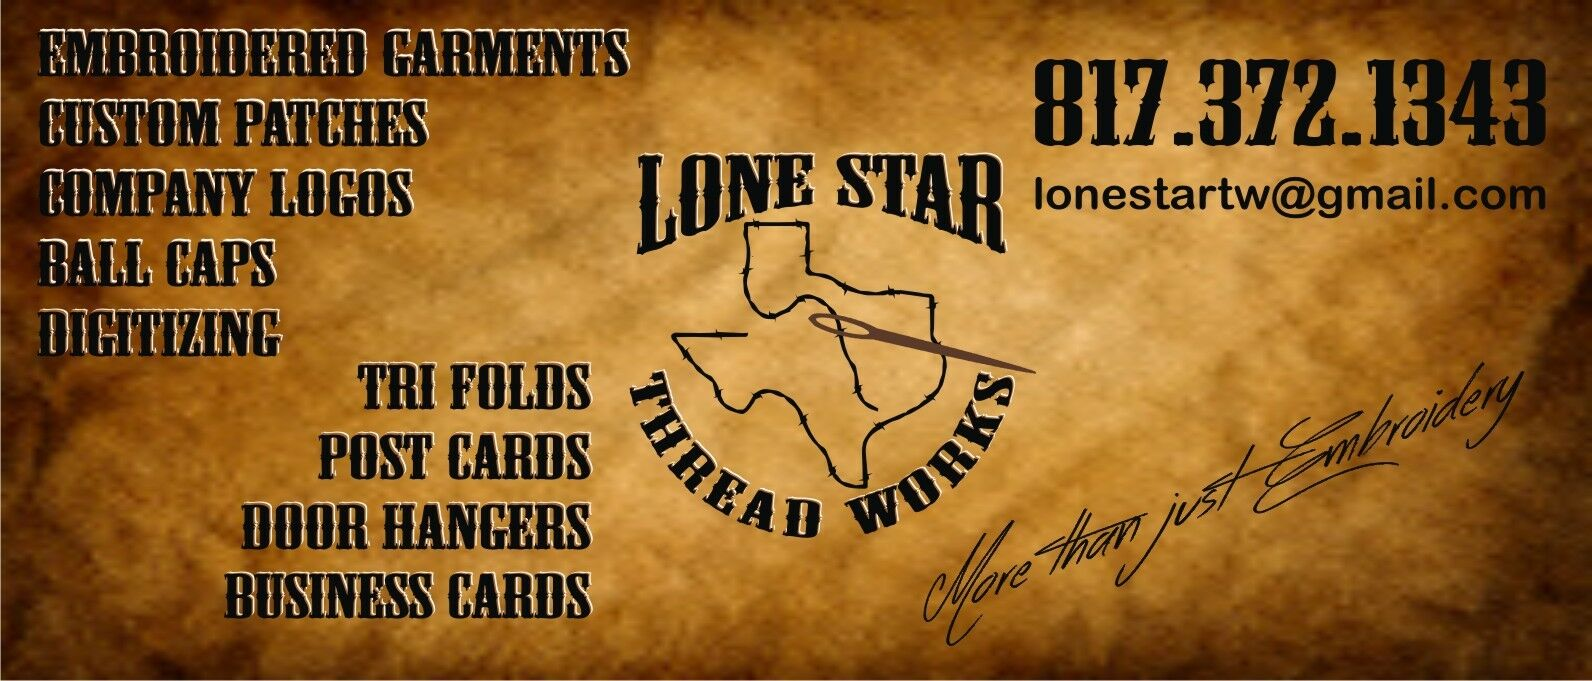 Lone Star Thread Works